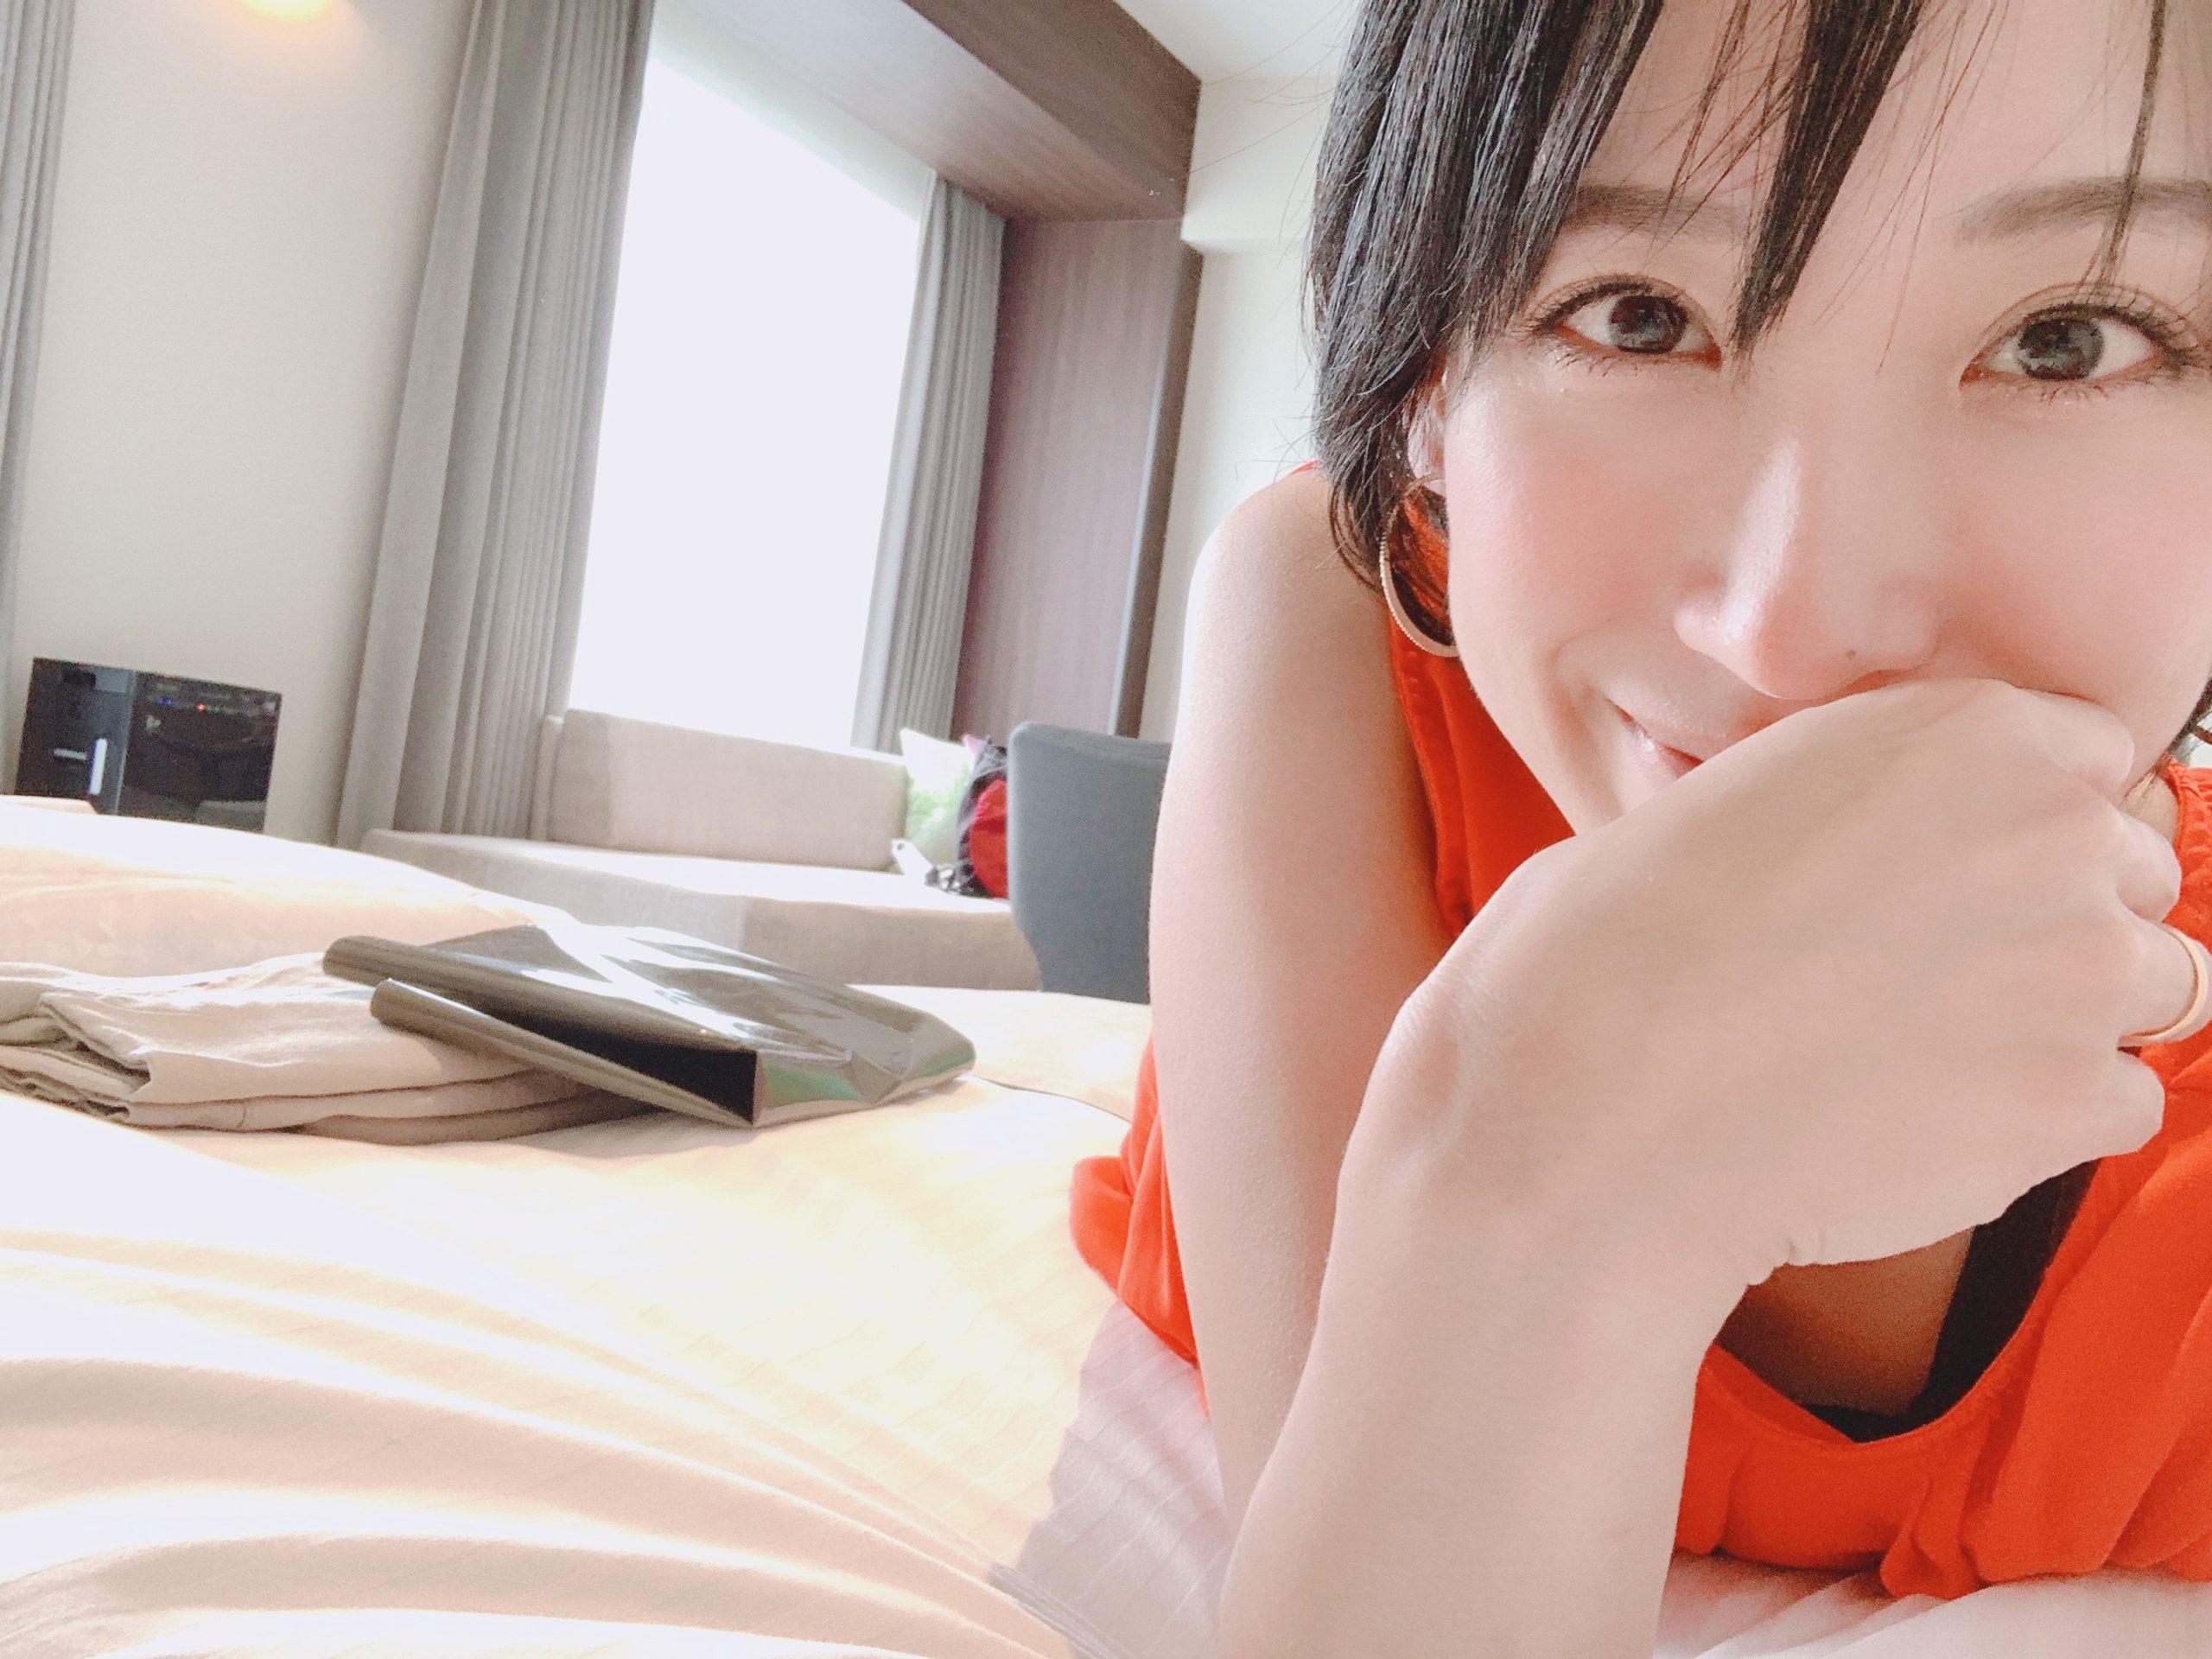 大阪らしさを楽しみたいならホテルエルシエント大阪@梅田がおすすめ!